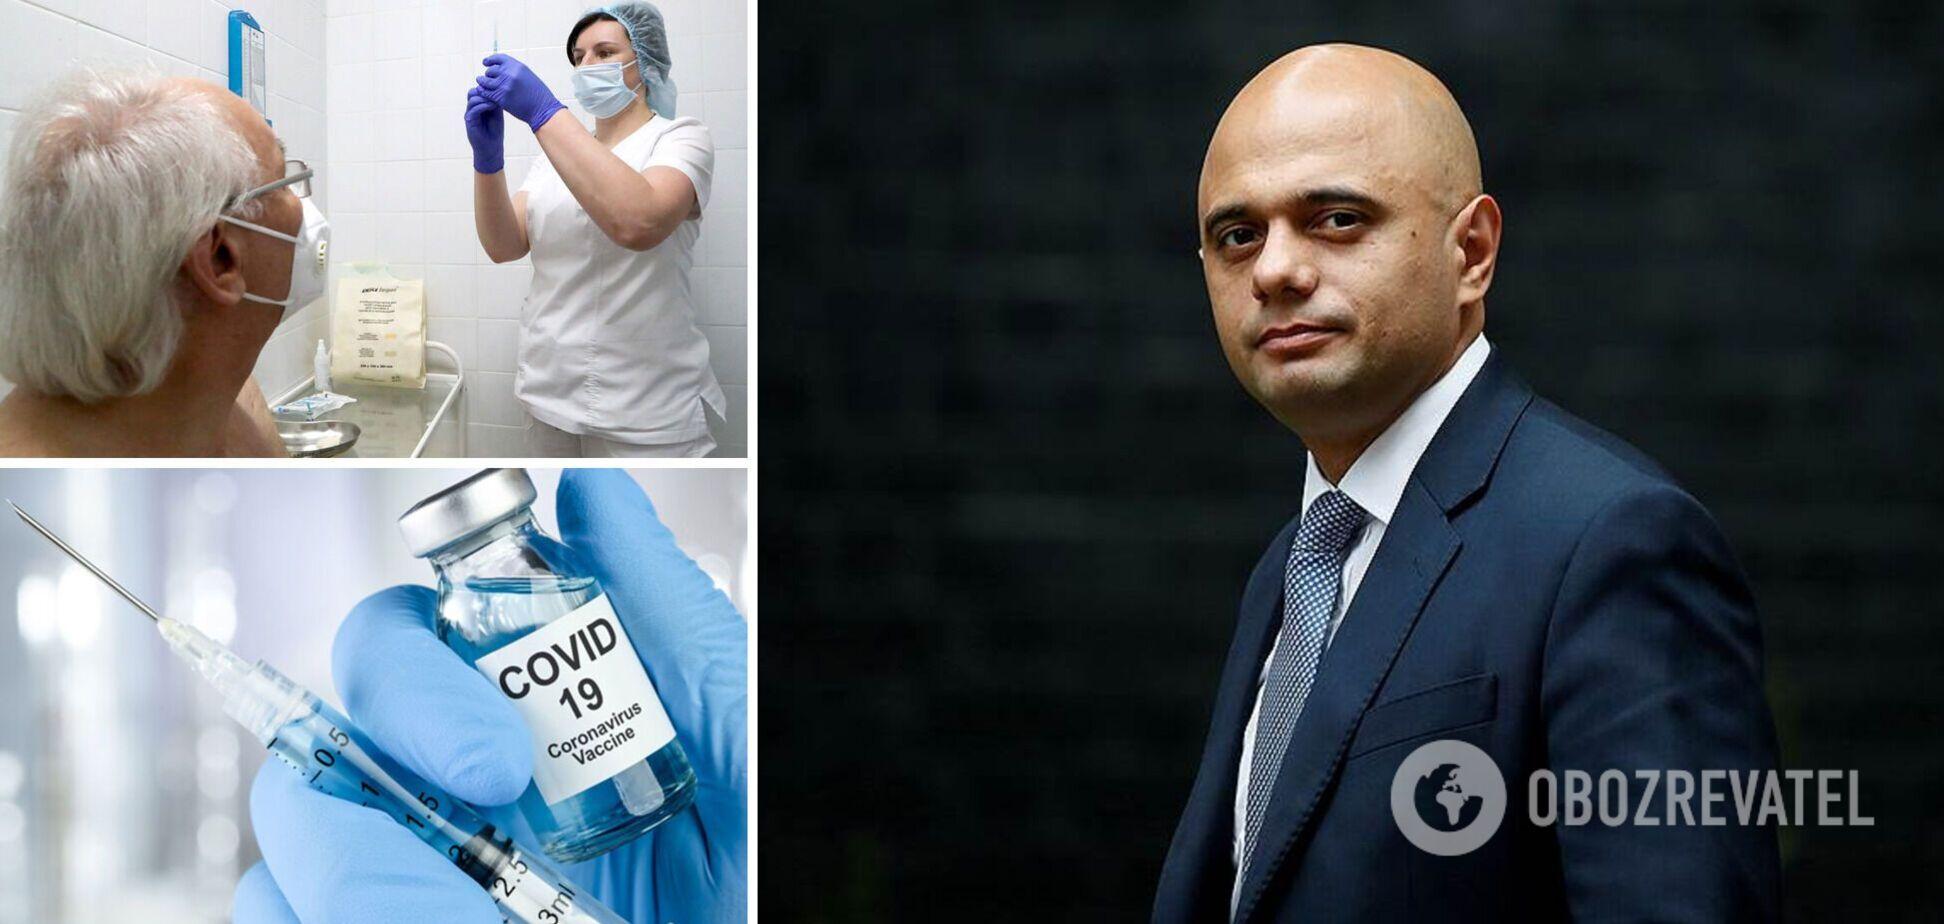 Министр здравоохранения Великобритании заявил о необходимости третьей прививки от коронавируса